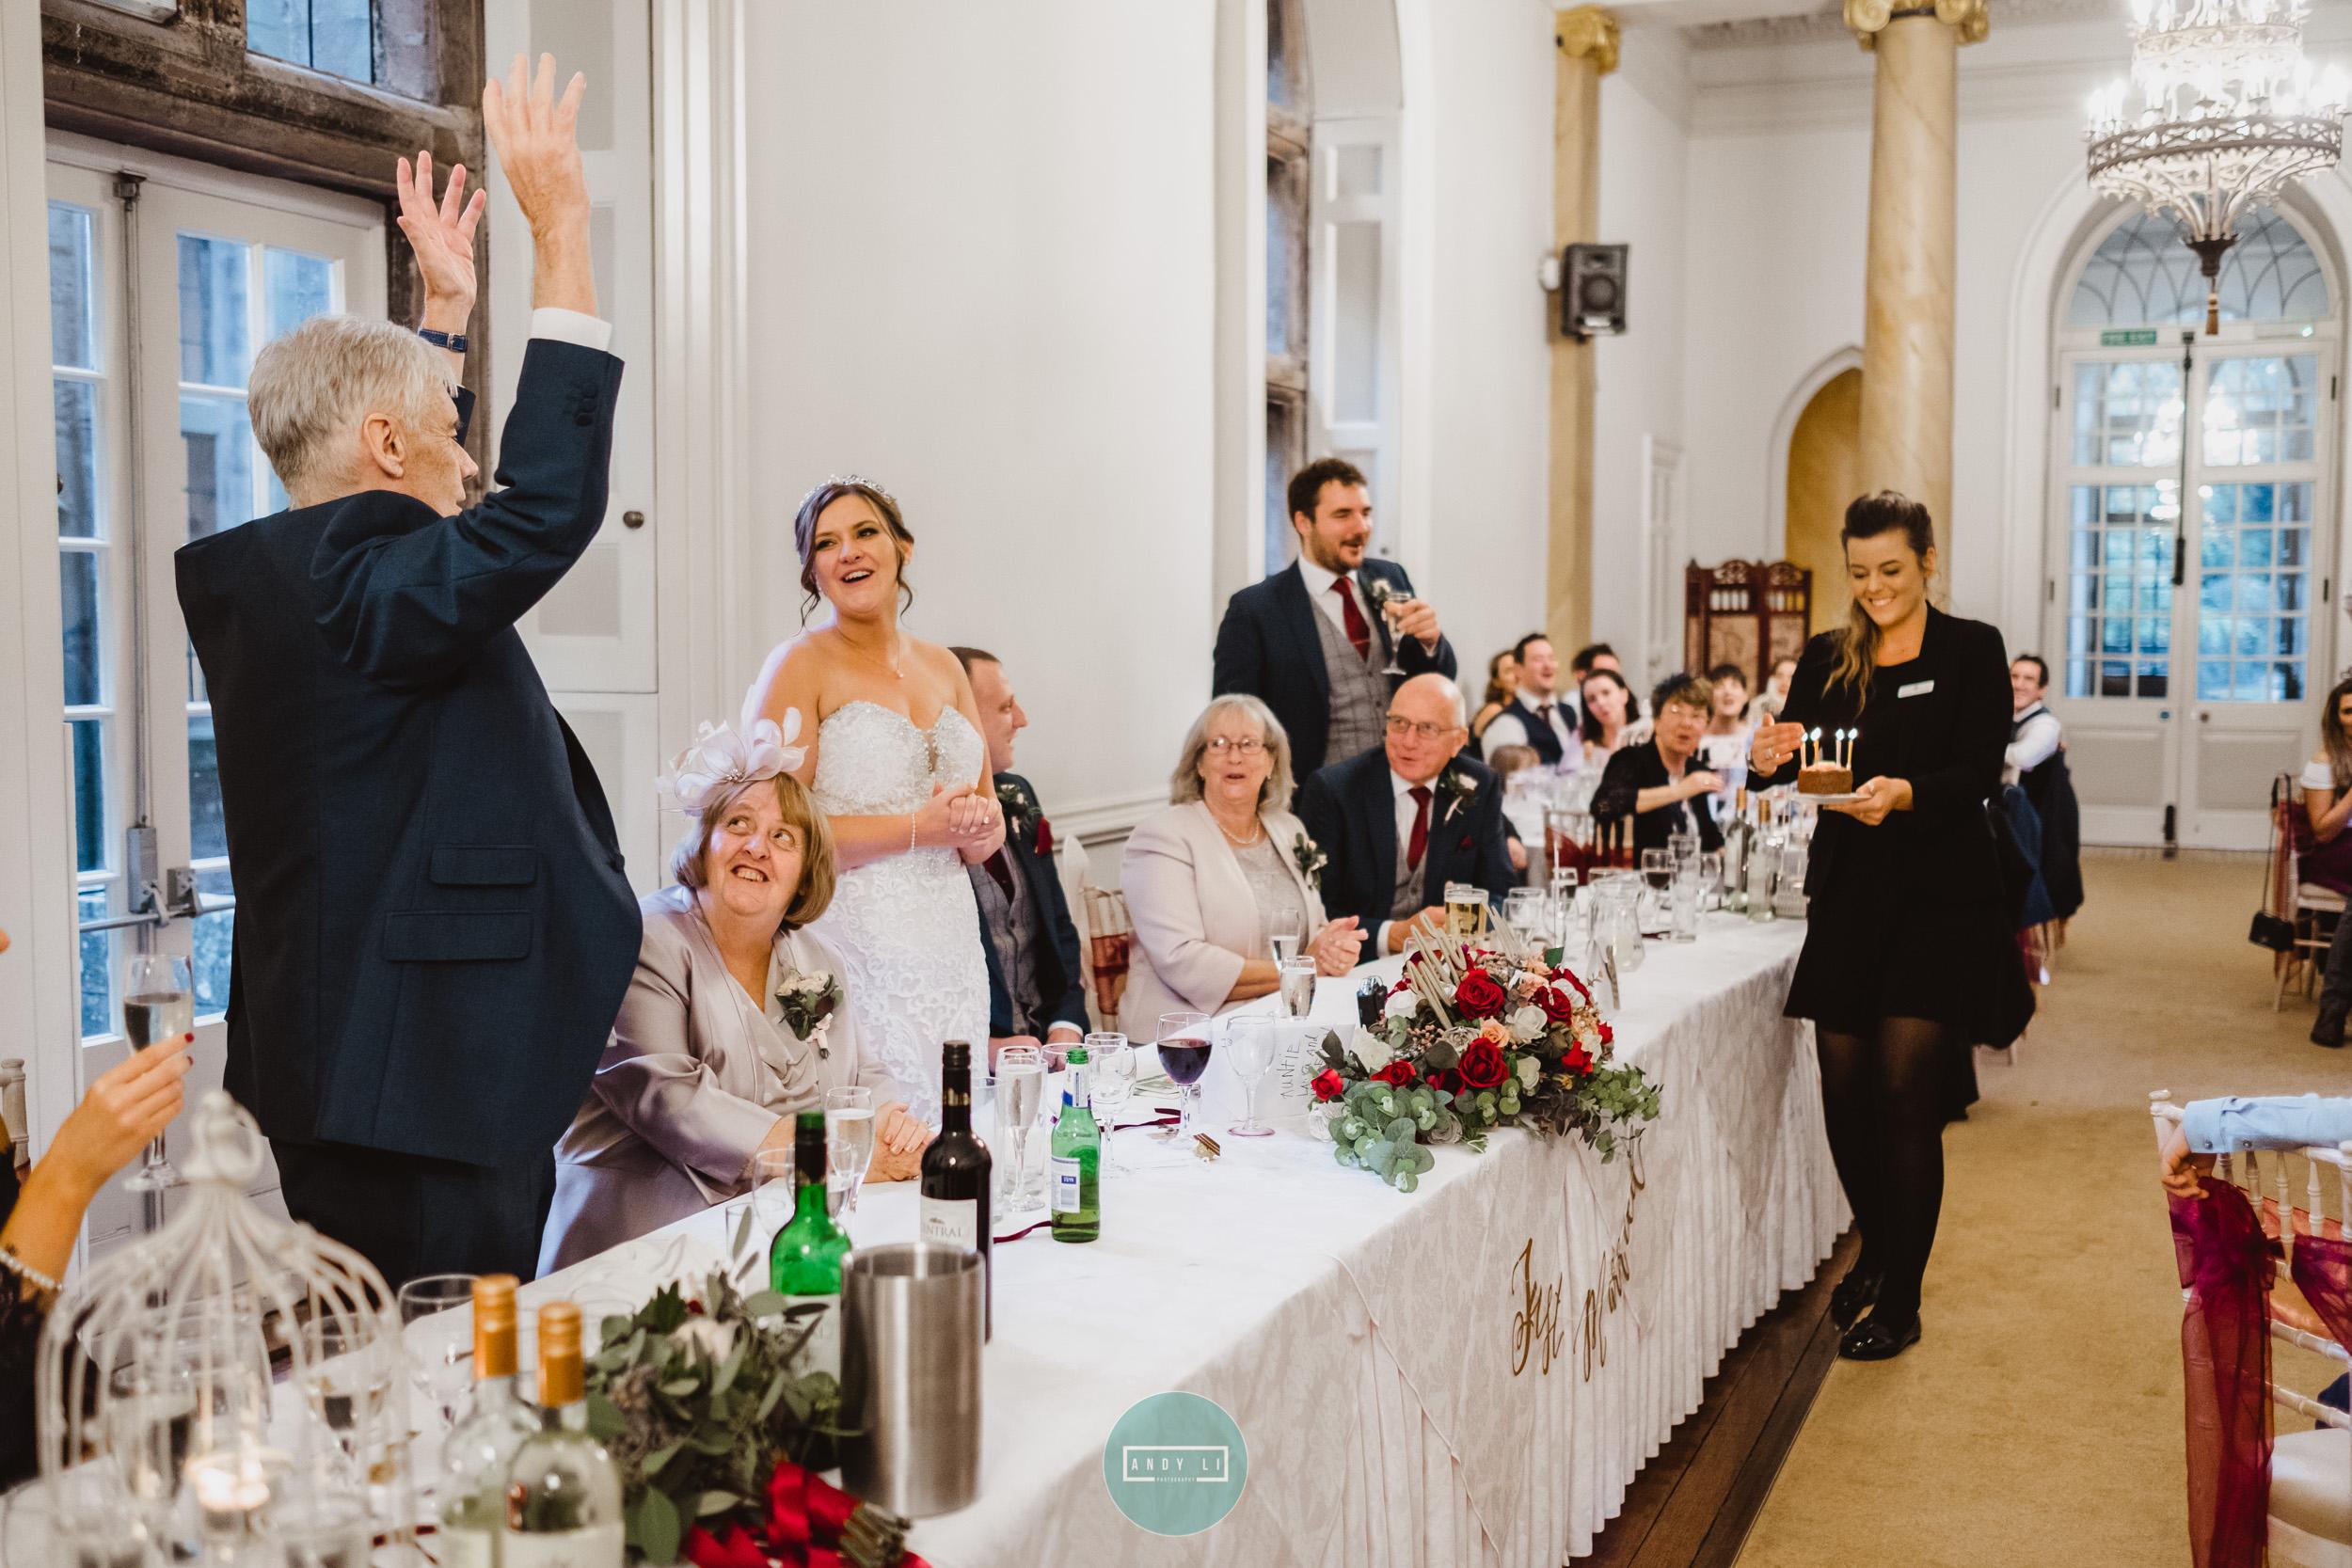 Clearwell Castle Wedding Photographer-135-AXT20943.jpg